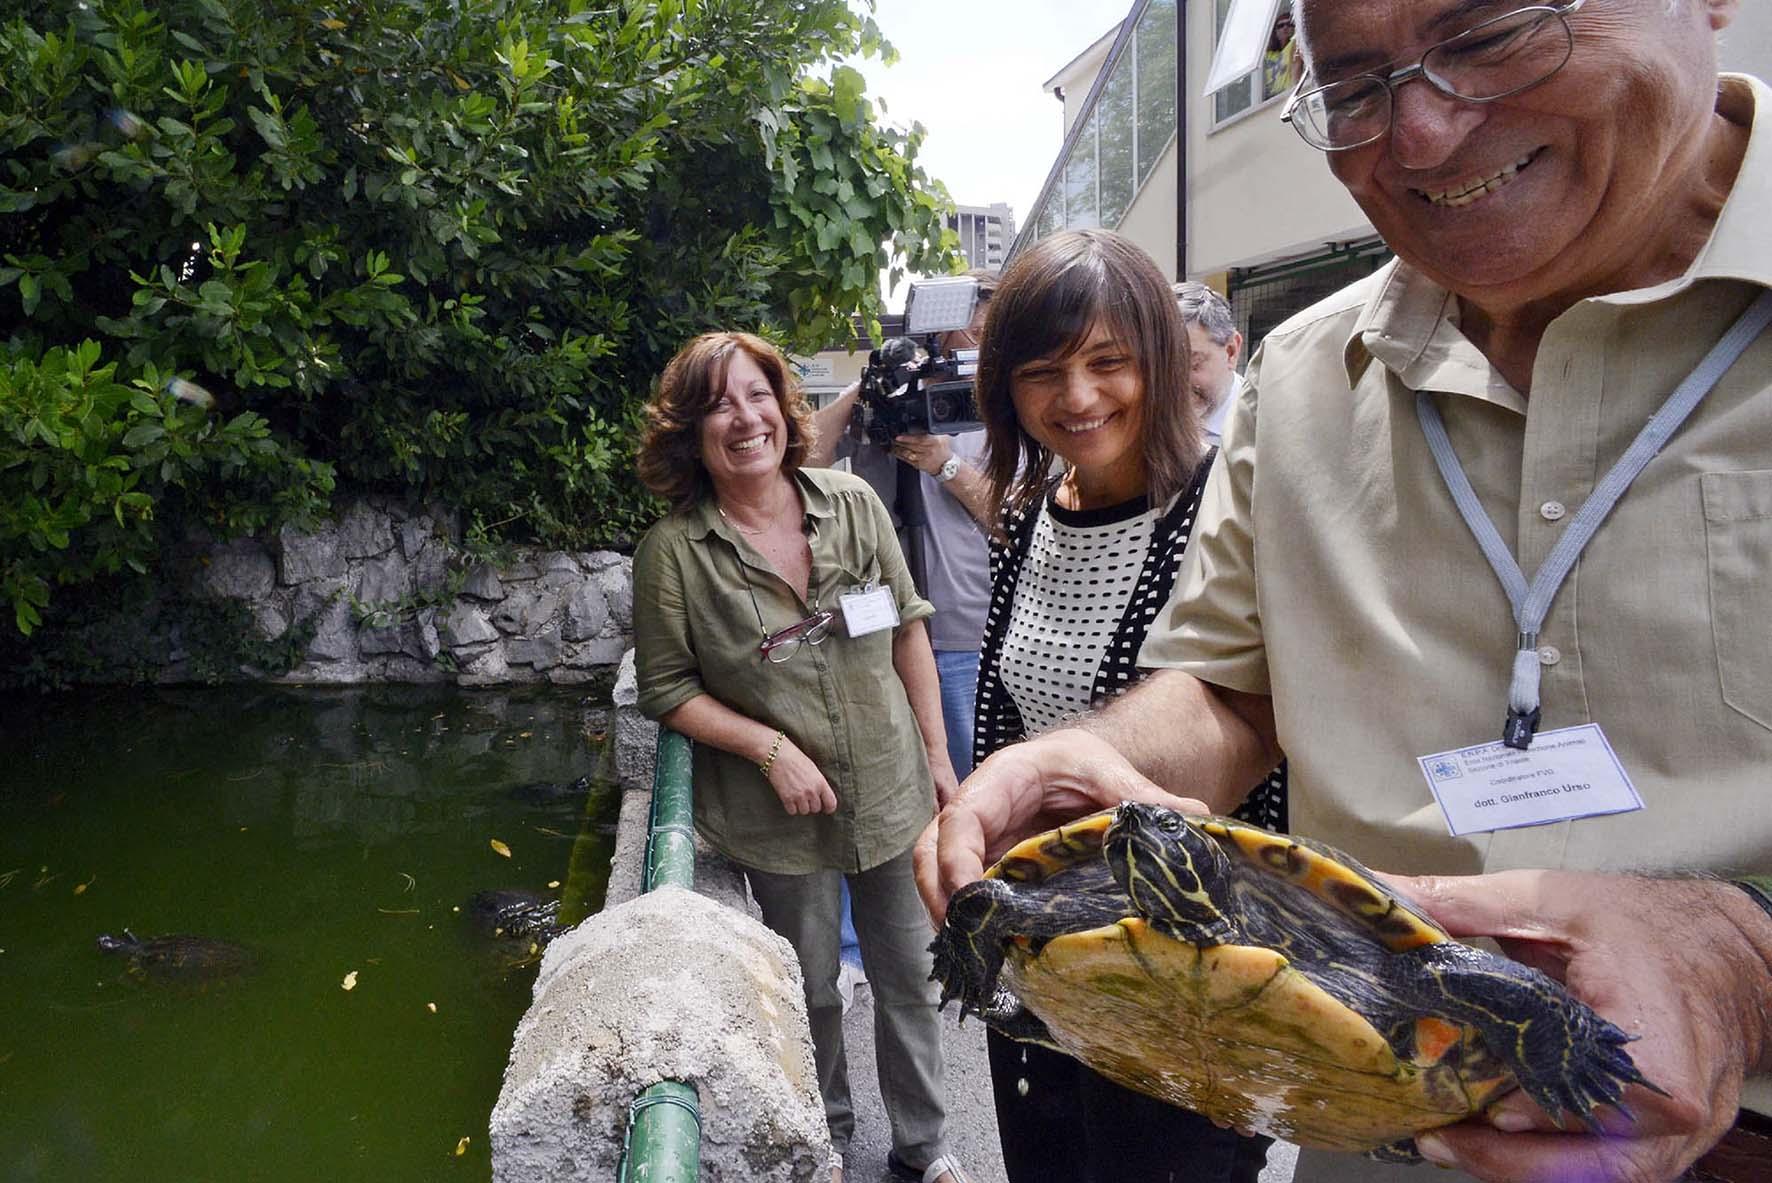 serracchiani visita enpa trieste tartaruga